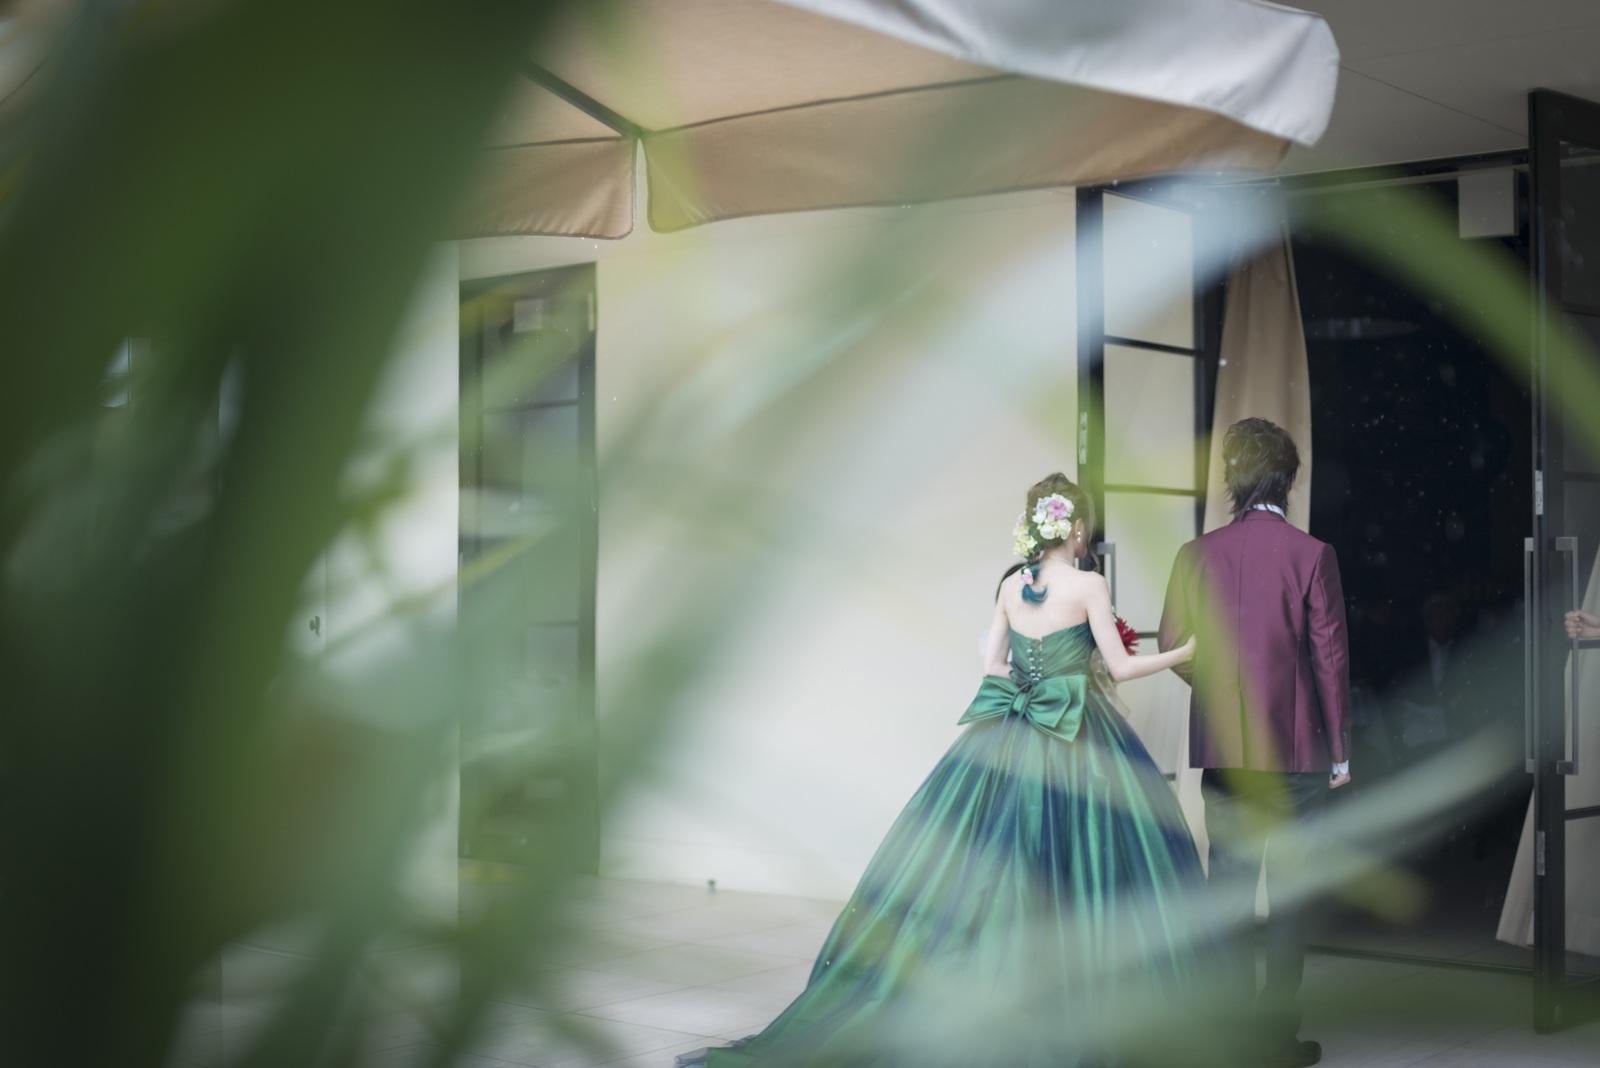 高松市の結婚式場アイルバレクラブでお色直しを終えてガーデンから再入場するシーン